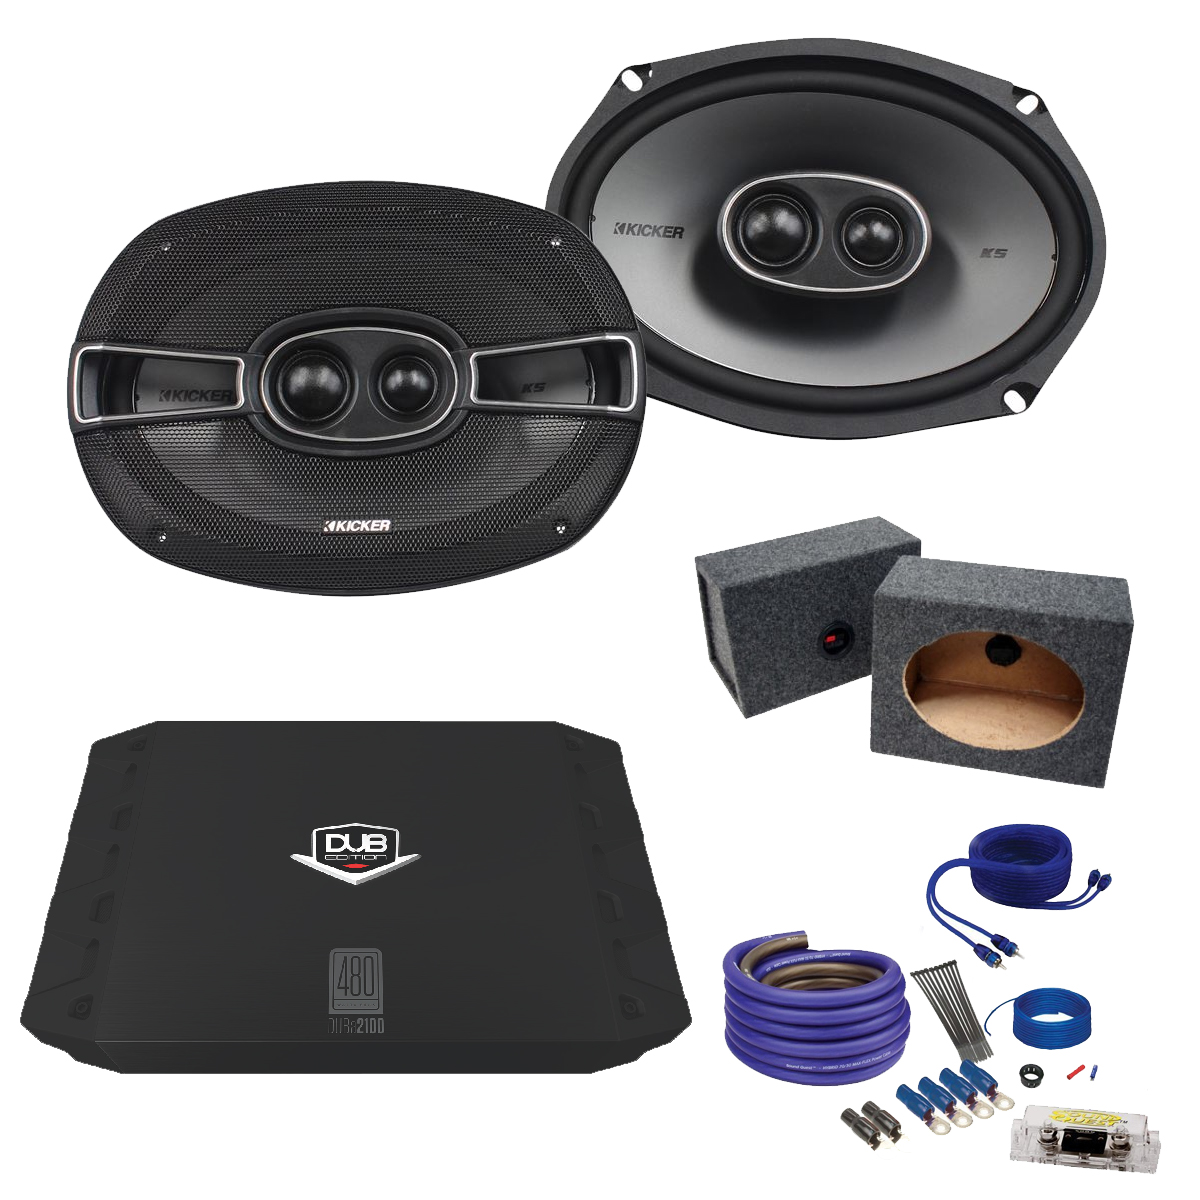 Kicker 6x9 41KSC6934 Bundle with DUBA2100 200 Watt Amplifier + Enclosure + Wire Kit